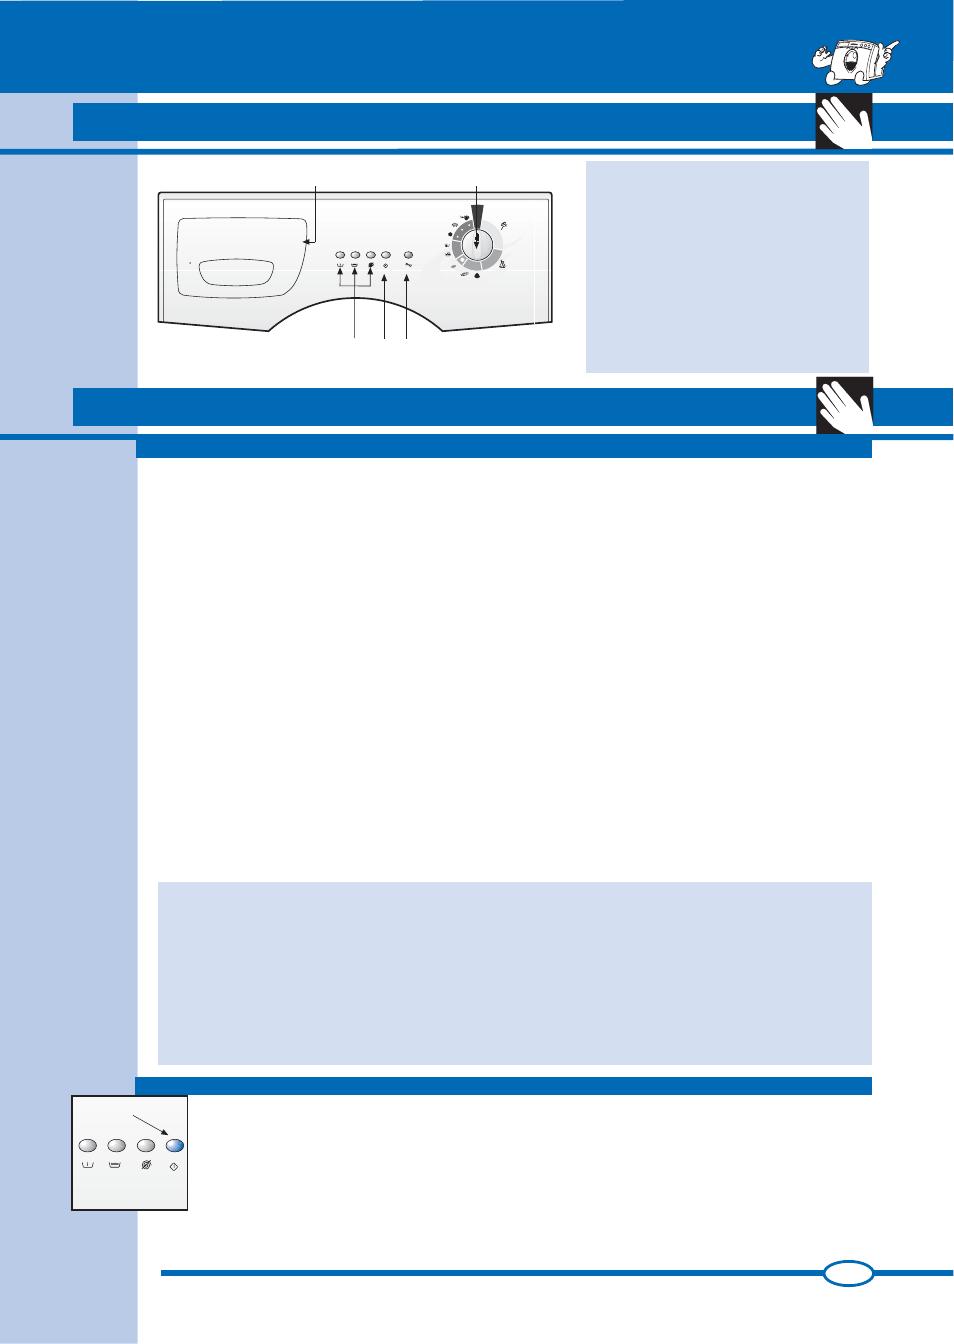 Simboli Lavatrice Significato Top Immagine Titolata Read Clothing